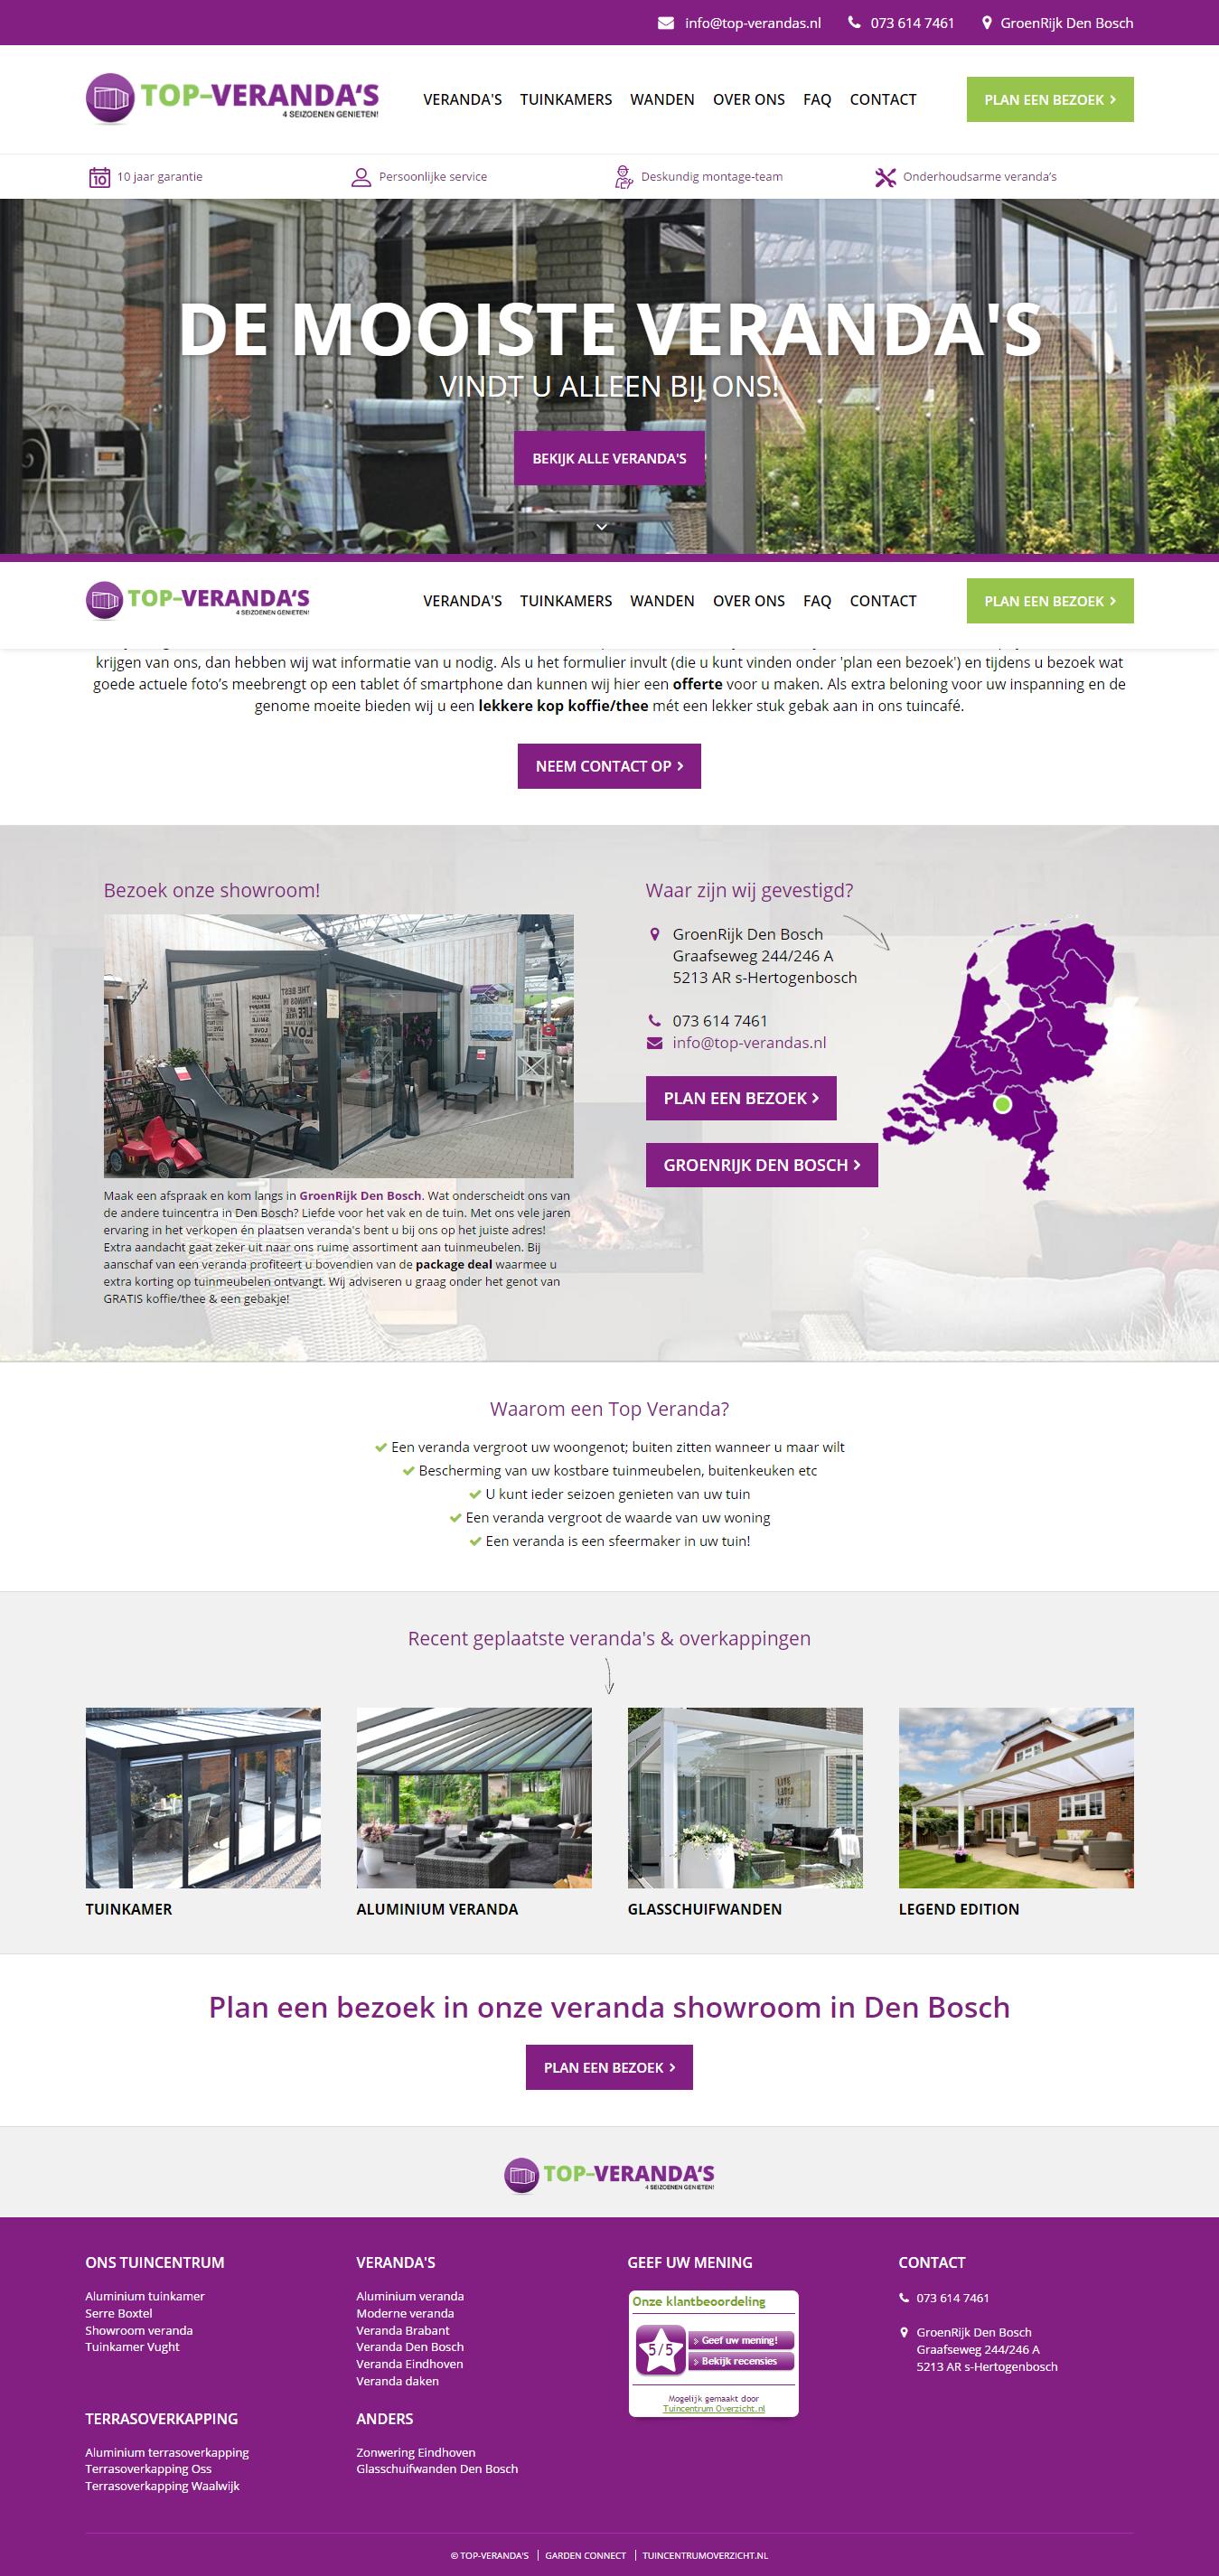 Terrasoverkapping kopen Den Bosch